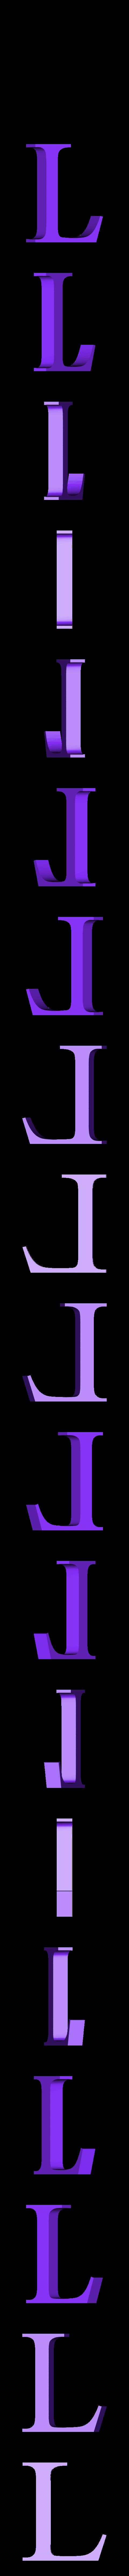 L.STL Télécharger fichier STL gratuit alphabet • Modèle pour imprimante 3D, Cerega